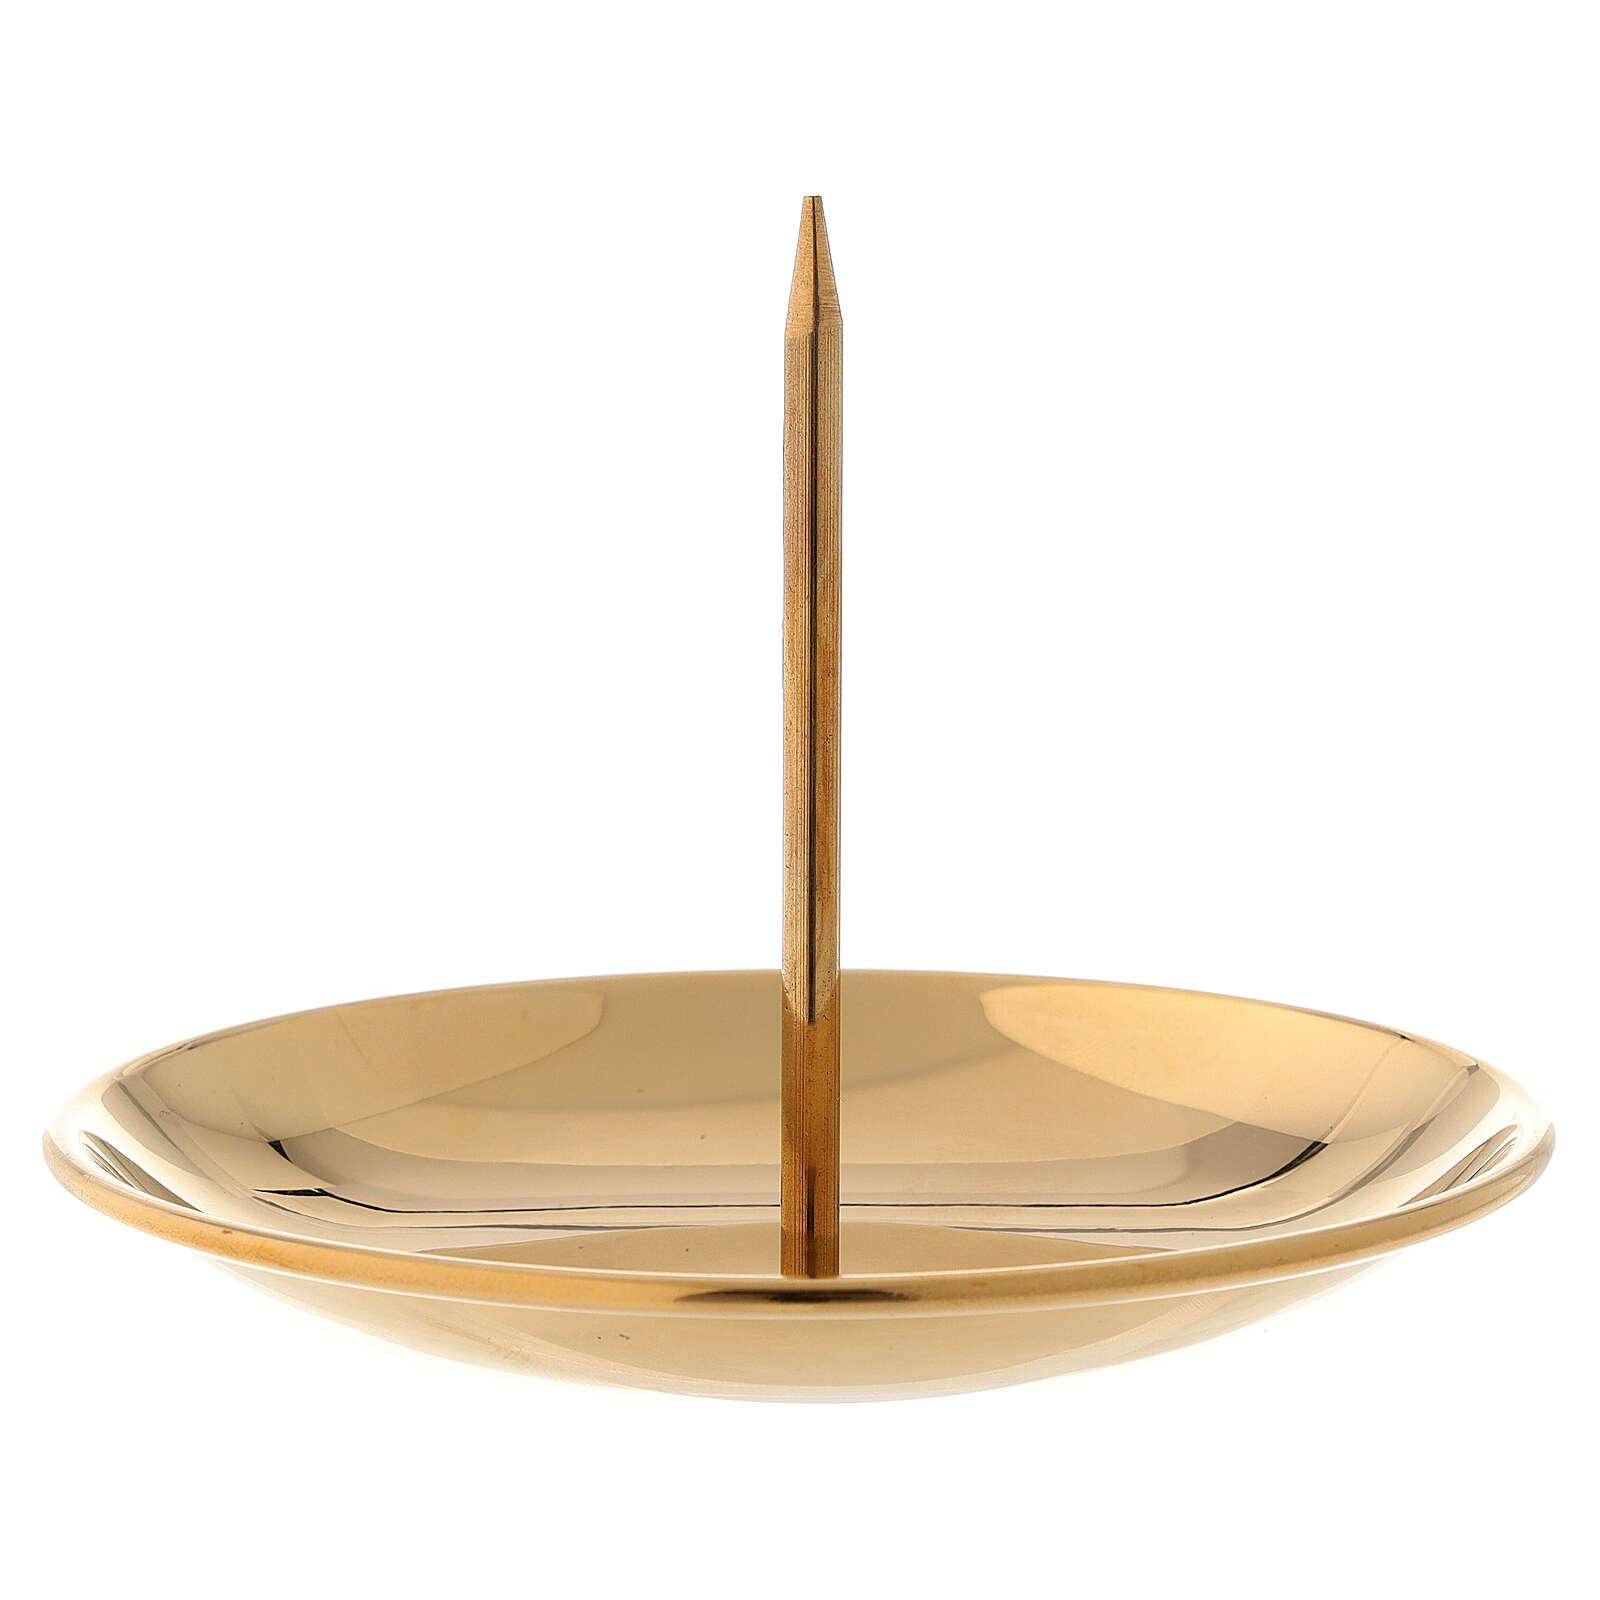 Bougeoir Avent pique laiton doré brillant diam. 10 cm 3